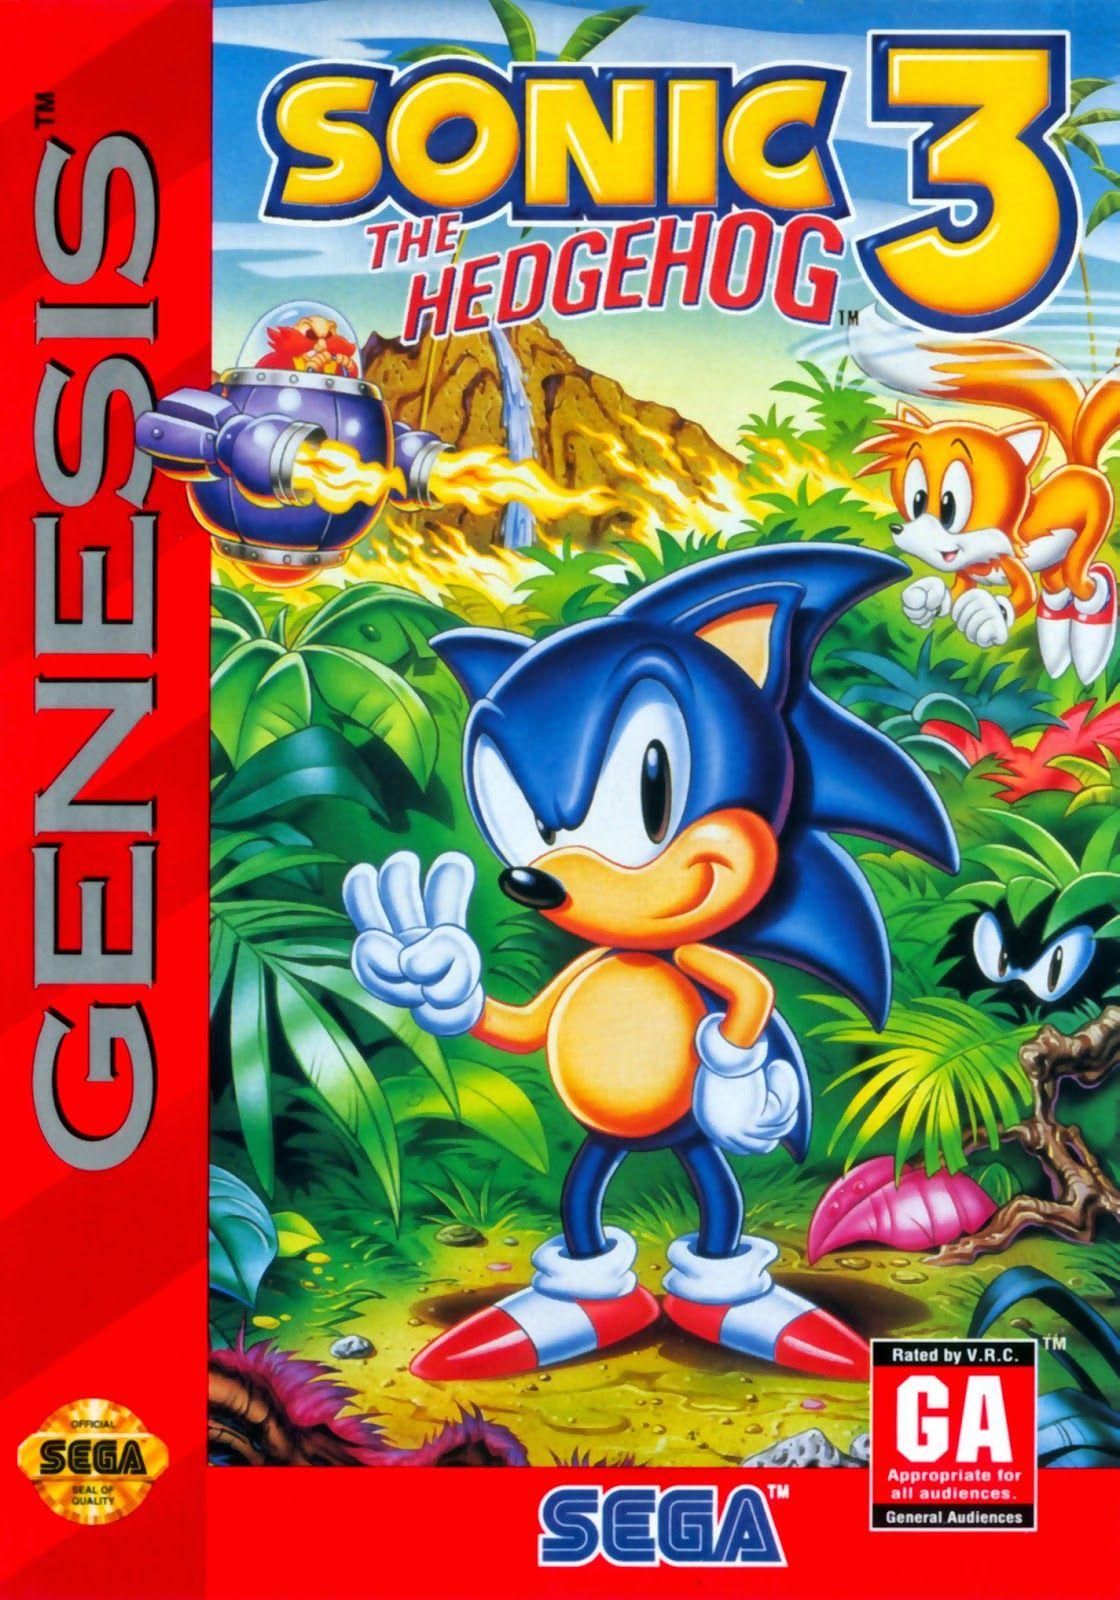 Sonic 3 Us Cover Art Sega Genesis Sonic The Hedgehog Sega Genesis Games